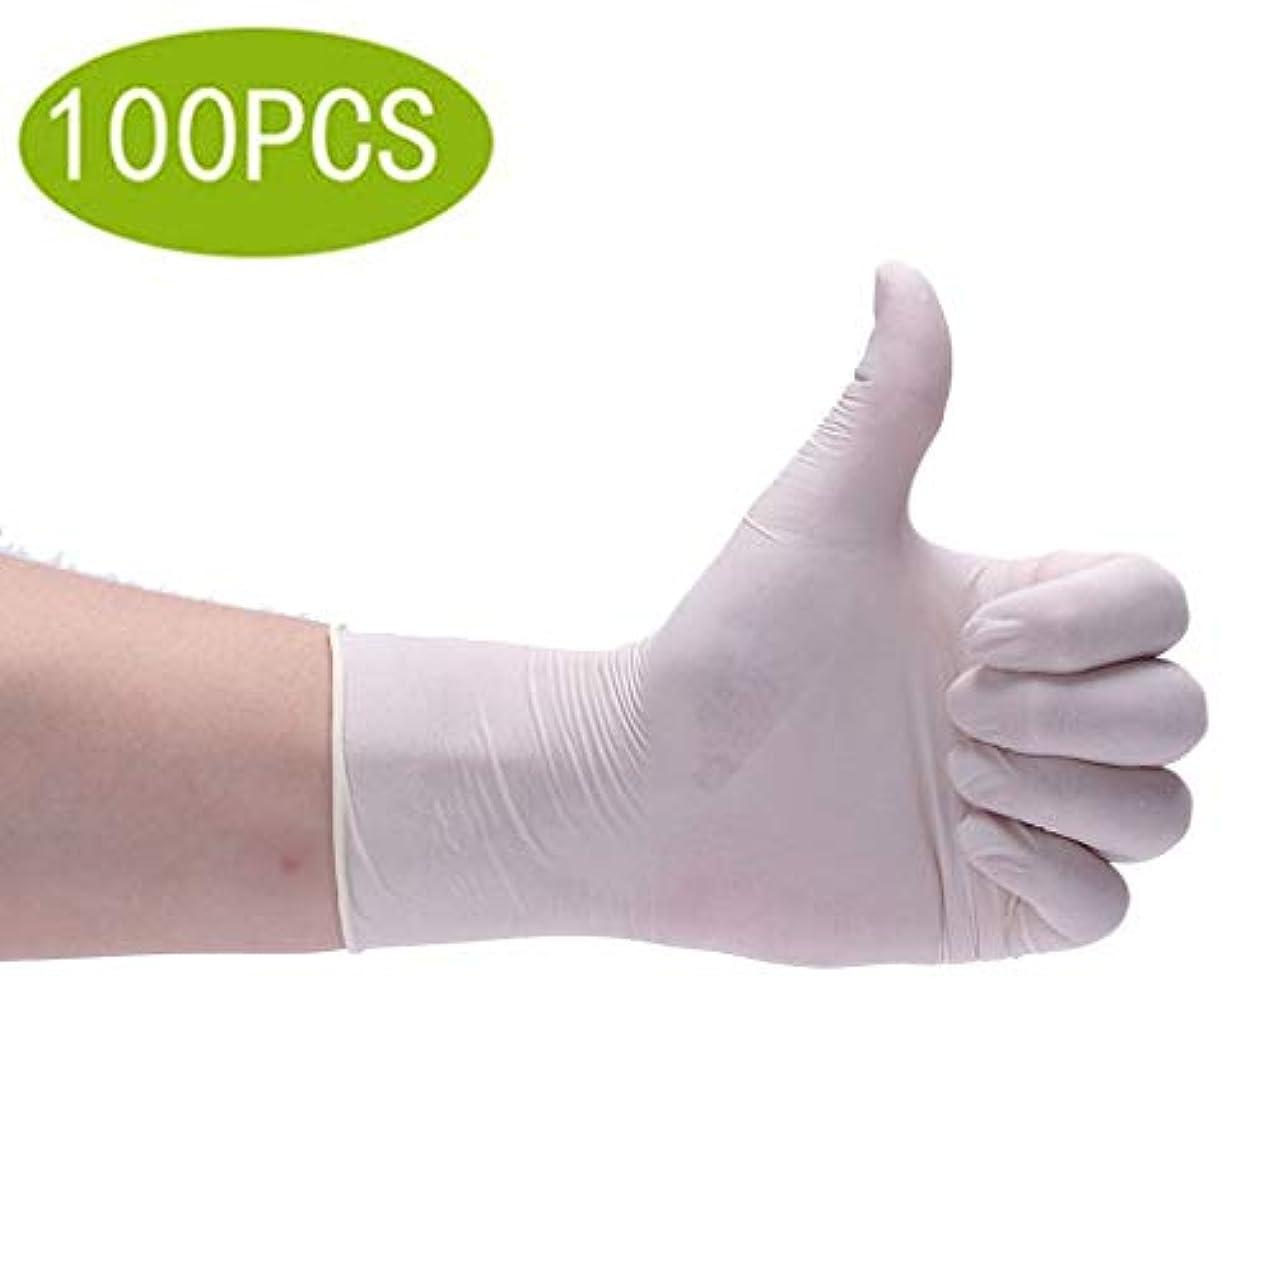 ニトリル試験用手袋 - 医療用グレード、非粉末、非ラテックス、使い捨て、食品安全、XS-XL 、、 1箱あたり100グローブ (Size : L)